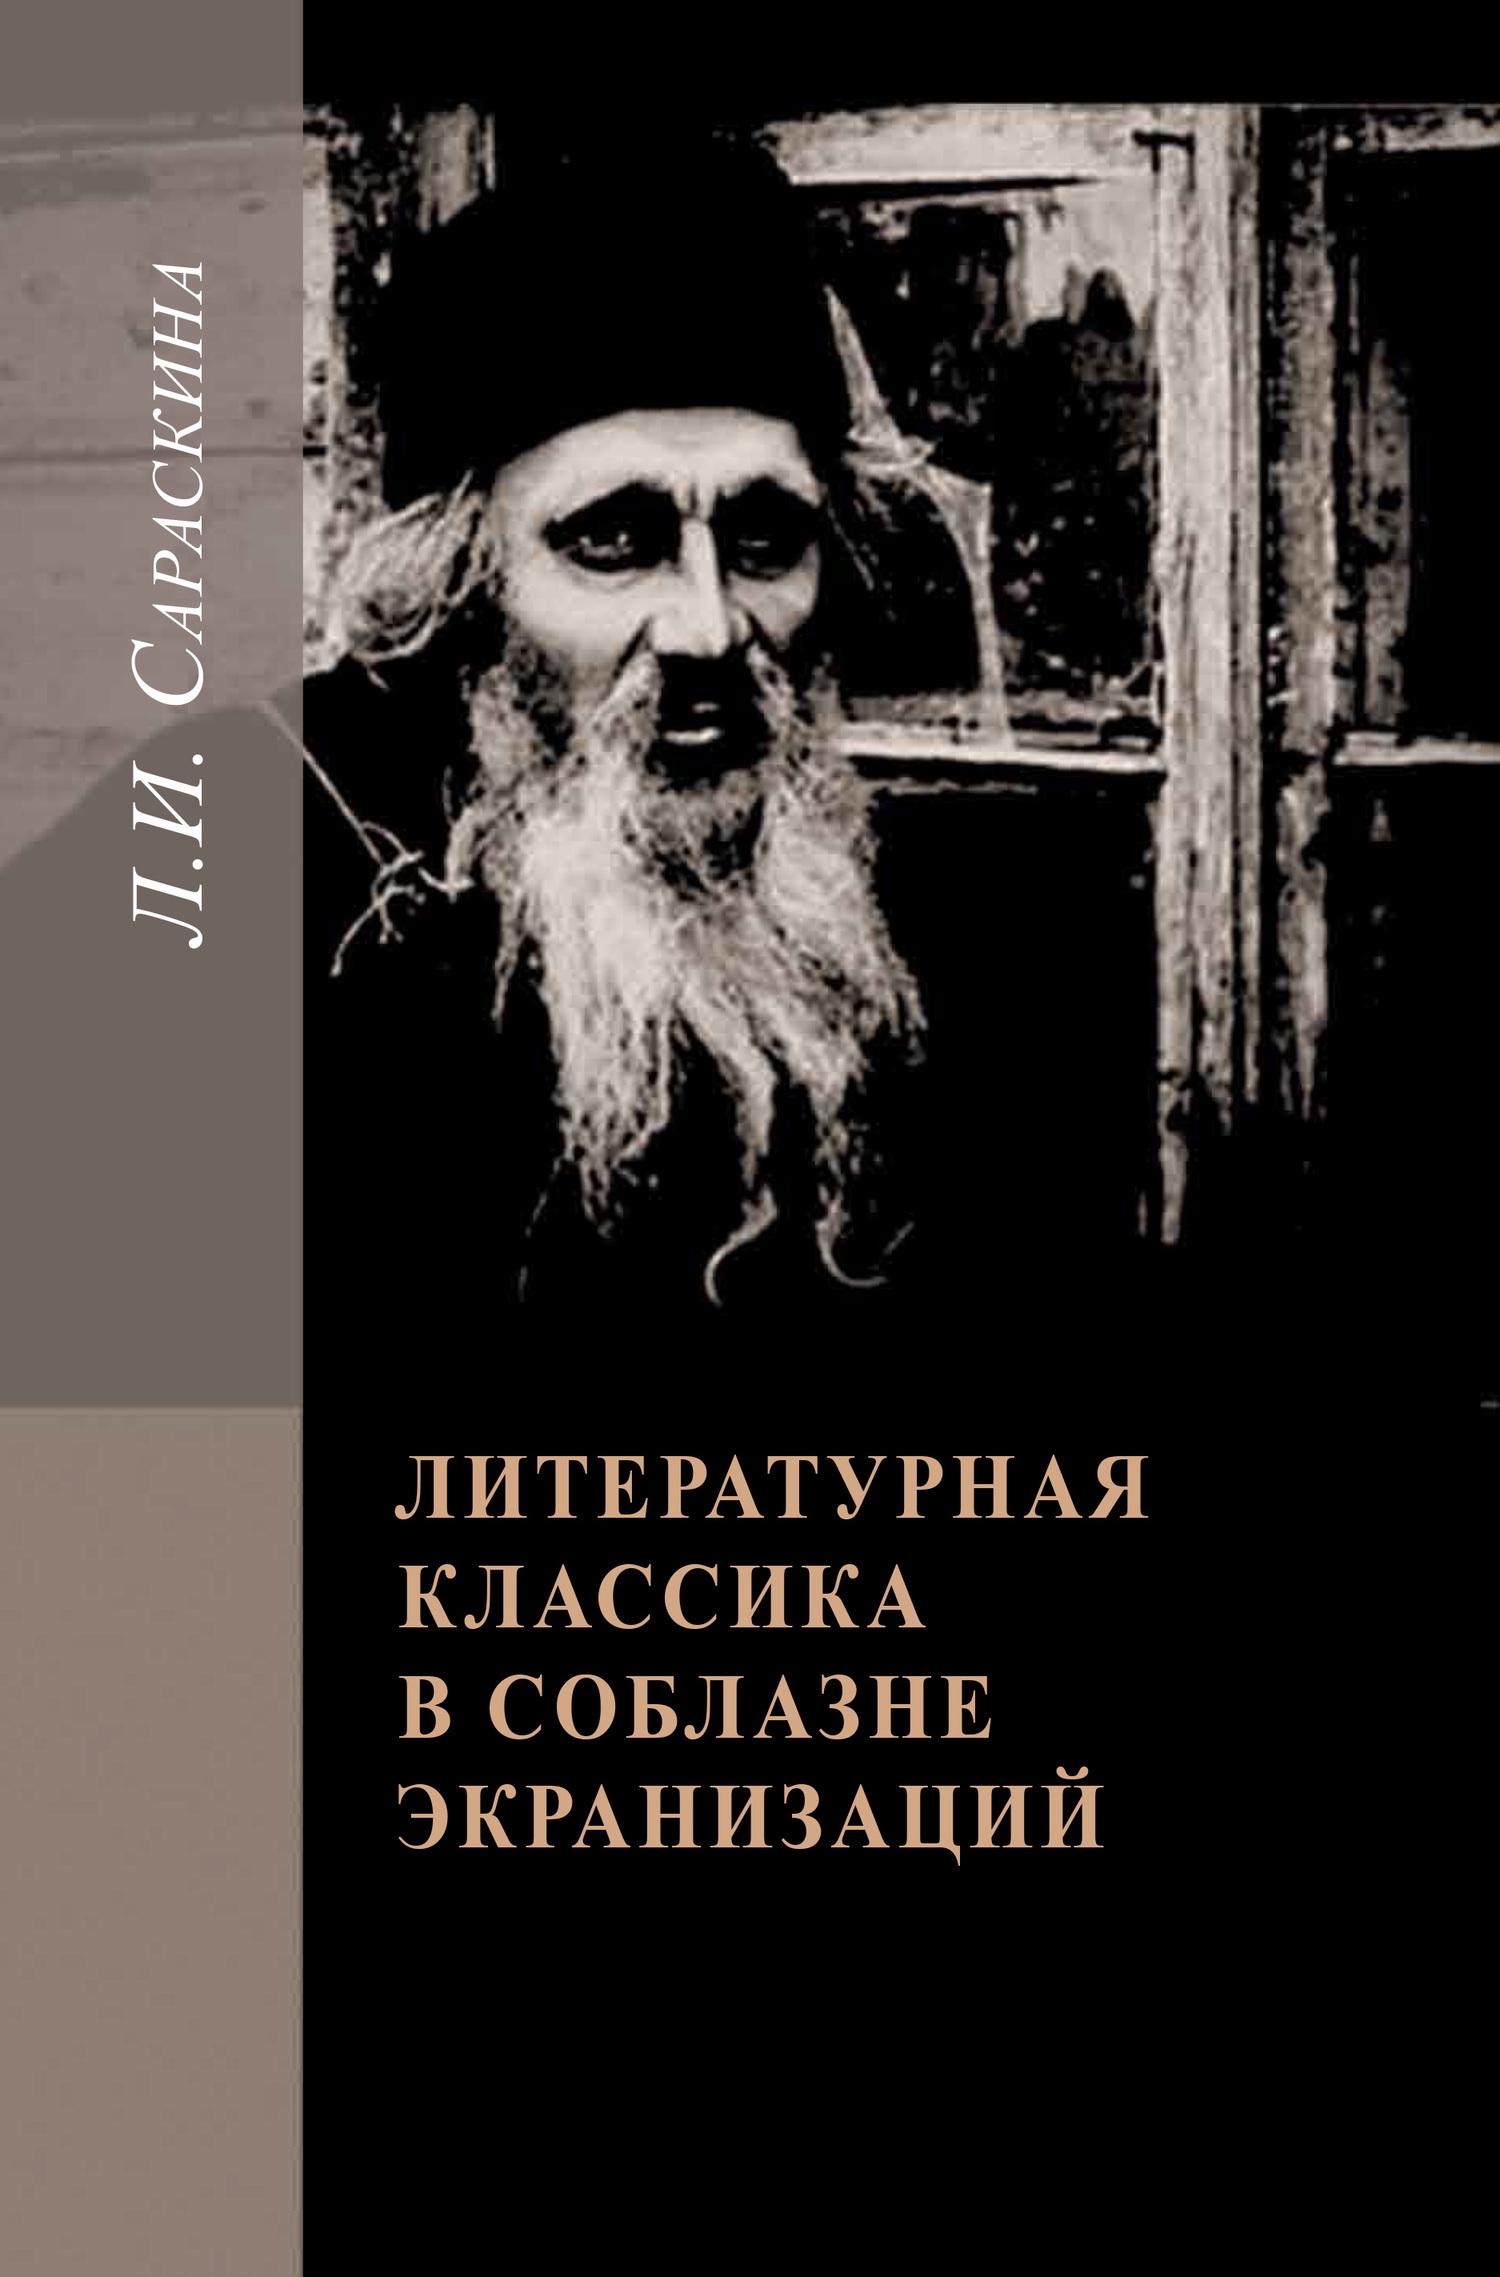 Л. И. Сараскина Литературная классика в соблазне экранизаций. Столетие перевоплощений сараскина л солженицын